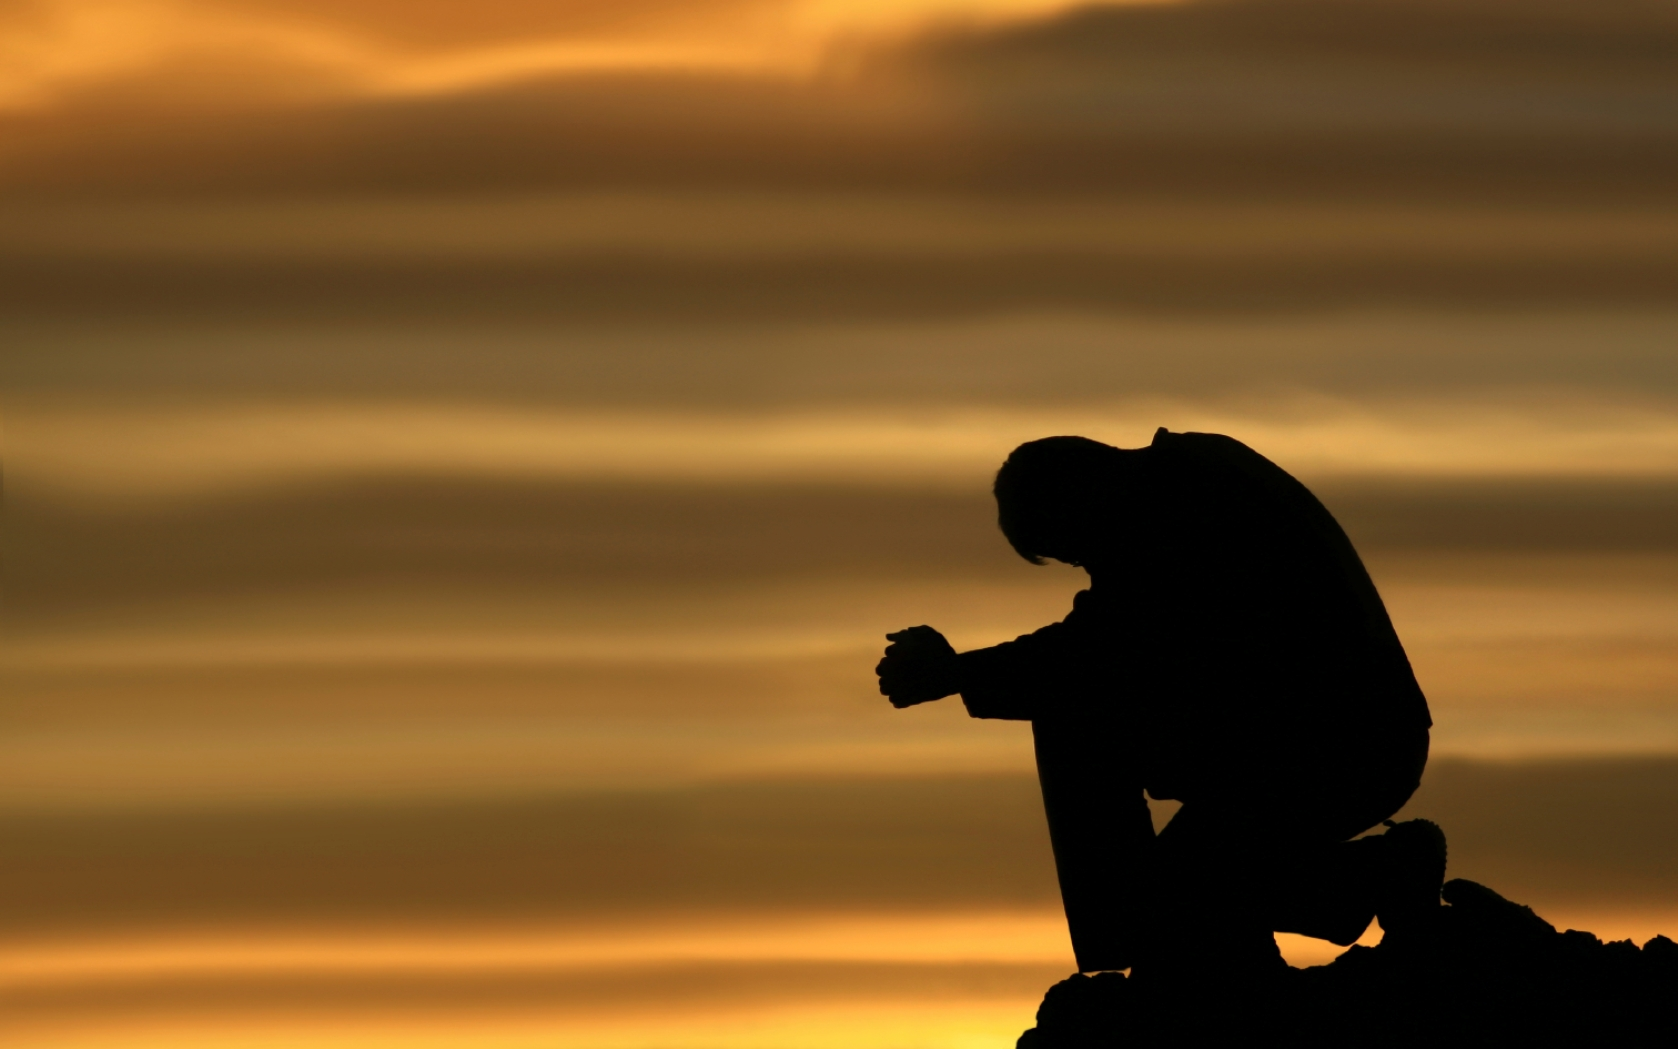 arkanđeo - Ovako se molite prema Vašem arkanđelu!